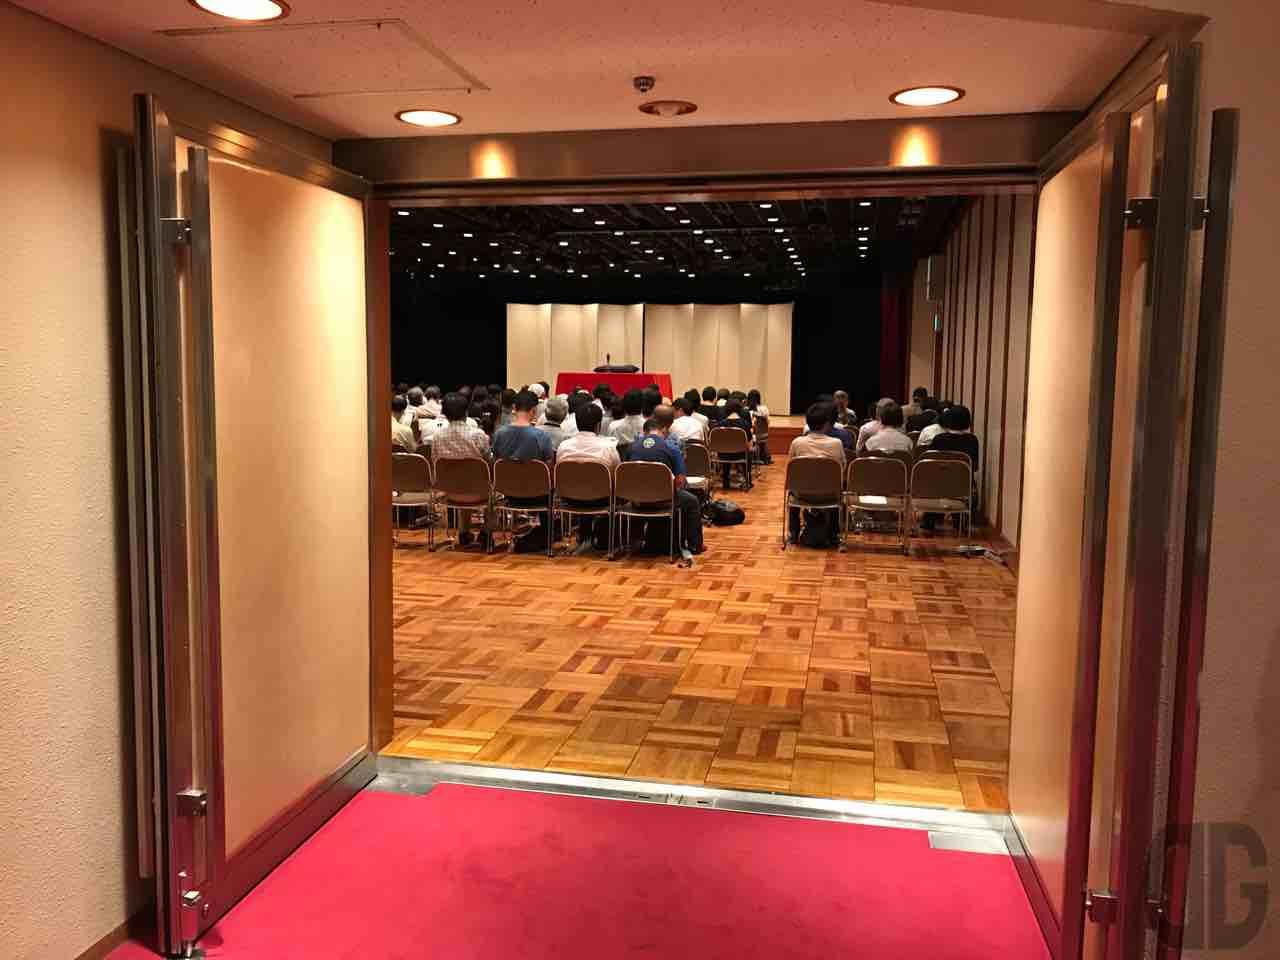 第二回立川こはる独演会@新宿文化センターに行ってきた♪ハプニングがあるも楽しんできた!